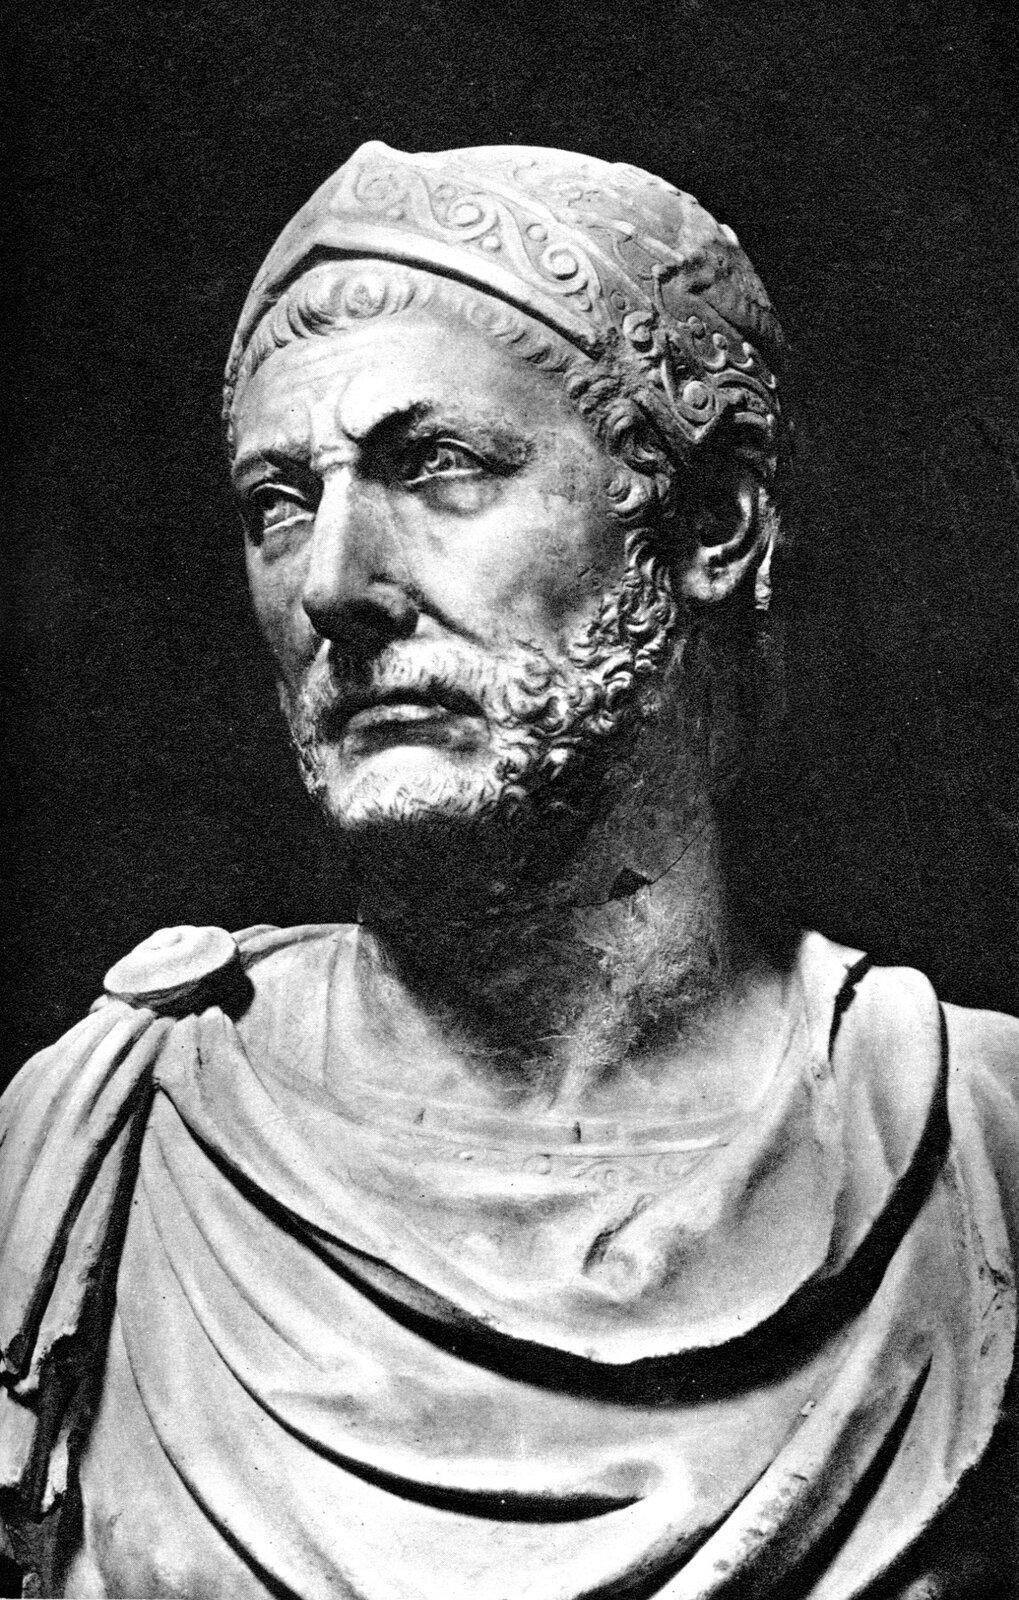 Czarnobiała ilustracja przedstawia popiersie Hannibala. Ukazany jest jako mężczyzna wśrednim wieku. Głowę odchyla lekko wbok, patrzy wdal. Ma krótki kręcony zarost, na głowie hełm, spod którego wystają kosmyki włosów. Ramiona spowite są szatą sczepioną okrągłą zapinką.